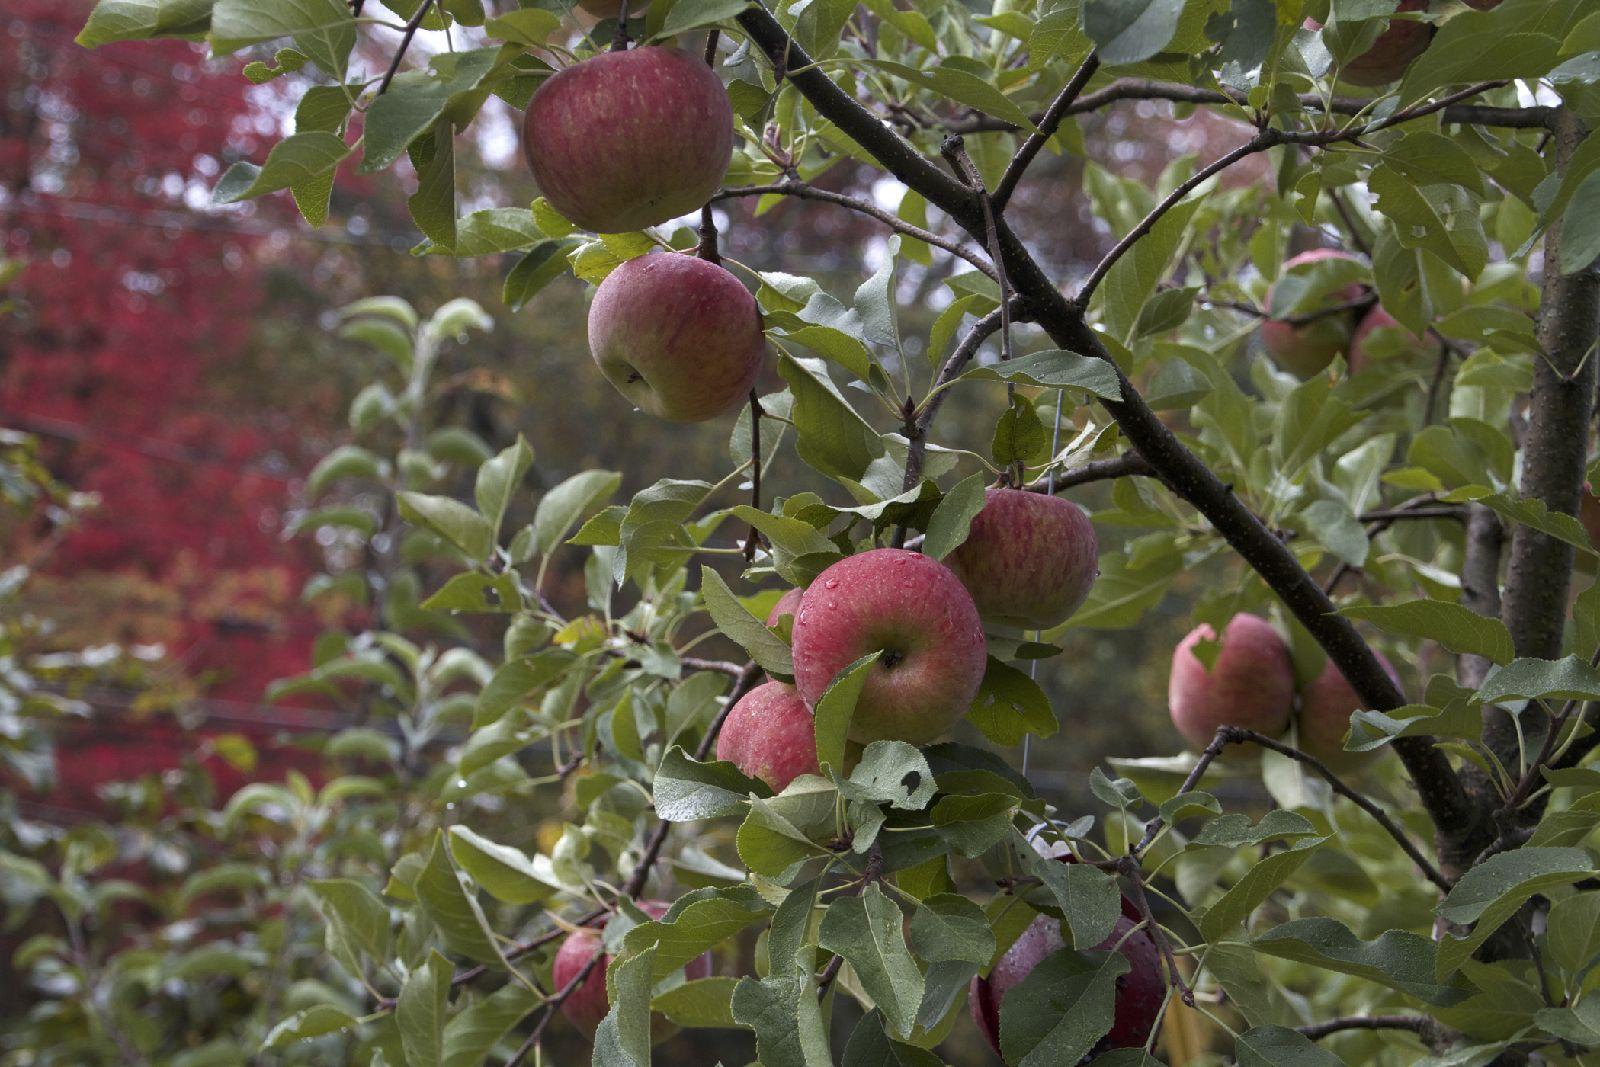 Apples_on_tree_10_14.jpg